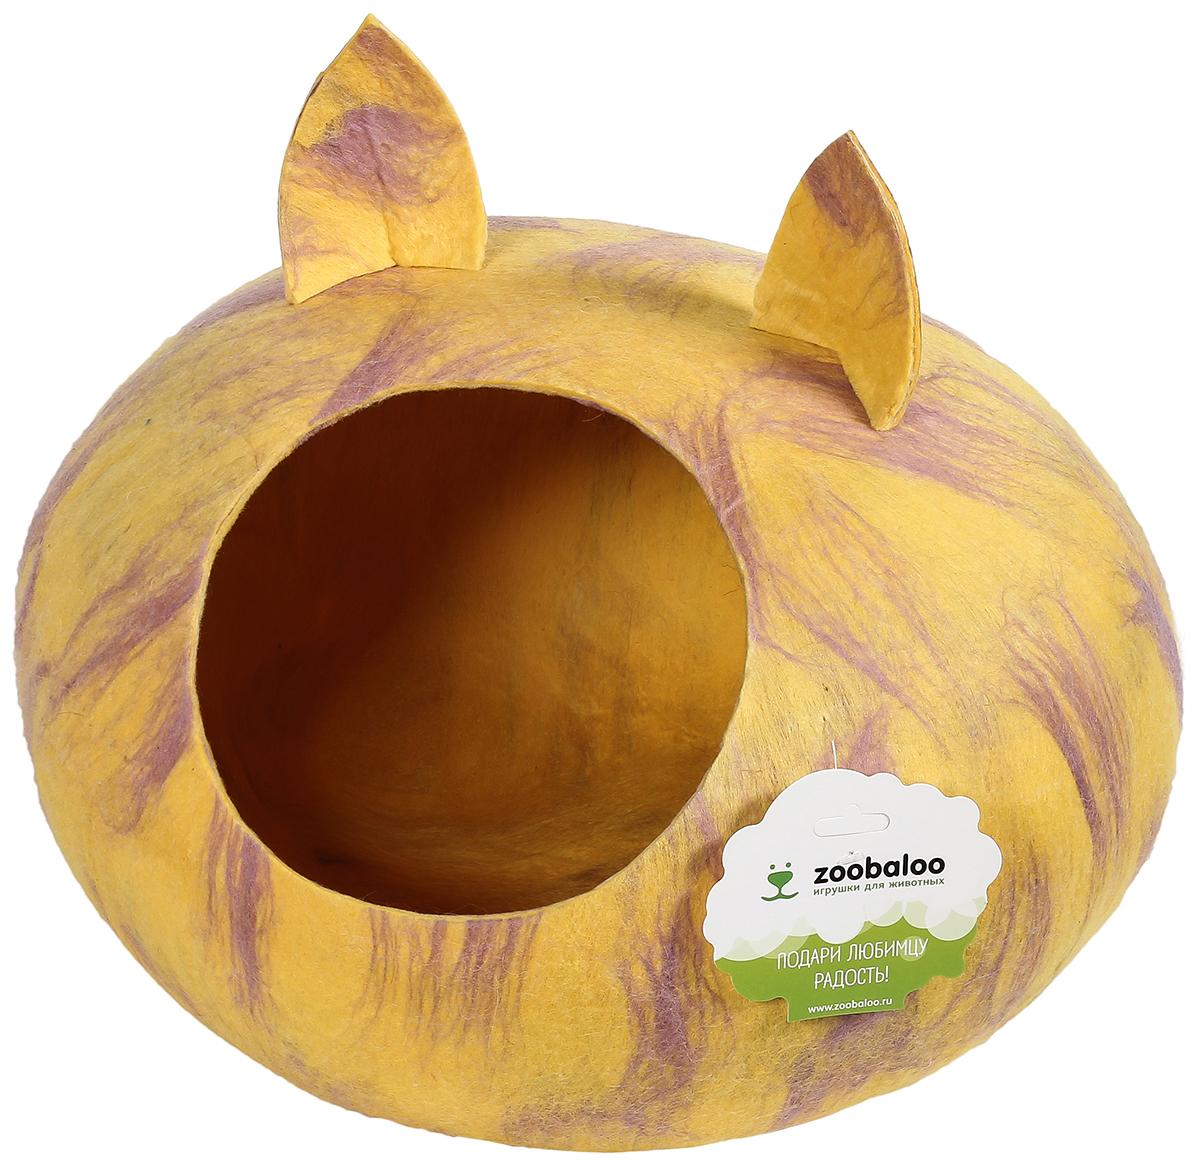 Домик-слипер для животных Zoobaloo WoolPetHouse, с ушками, цвет: мультиколор, размер S817Домик-слипер Zoobaloo WoolPetHouse предназначен для отдыха и сна питомца. Домик изготовлен из 100% шерсти мериноса. Учтены все особенности животного сна: форма, цвет, материал этого домика - все подобрано как нельзя лучше! В нем ваш любимец будет видеть только цветные сны. Шерсть мериноса обеспечит превосходный микроклимат внутри домика, а его форма позволит питомцу засыпать в самой естественной позе.